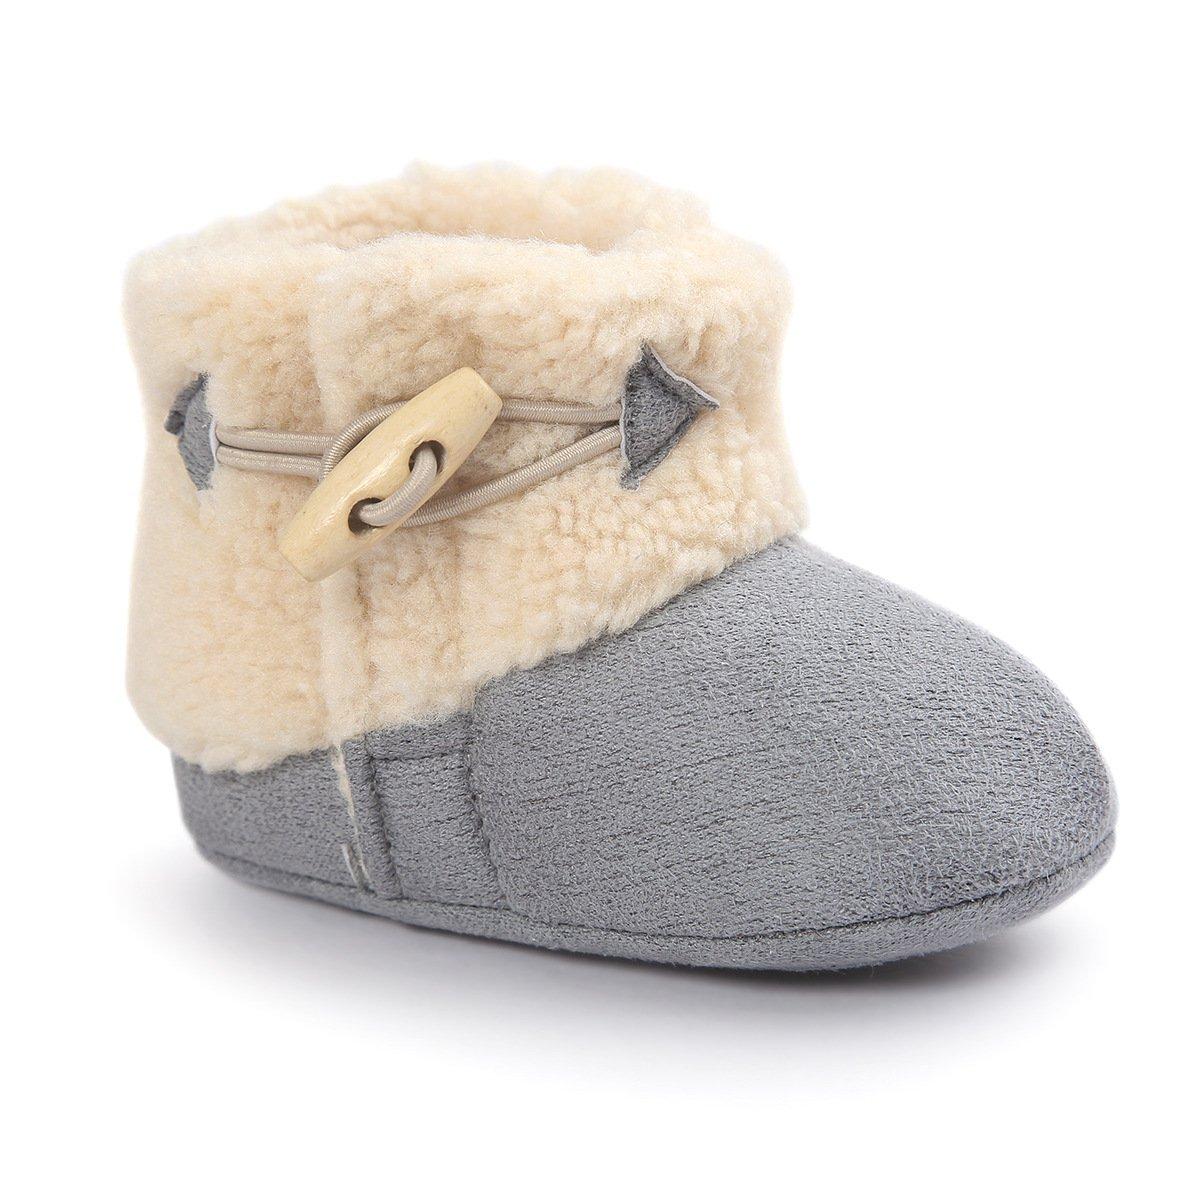 Butterme Inverno Caldo Baby Peluche Stivali Di Neve Sole Soft antiscivolo Prewalker Crib Scarpe per neonato Ragazzi Infant Ragazze ZUMUii ZUMU00005434